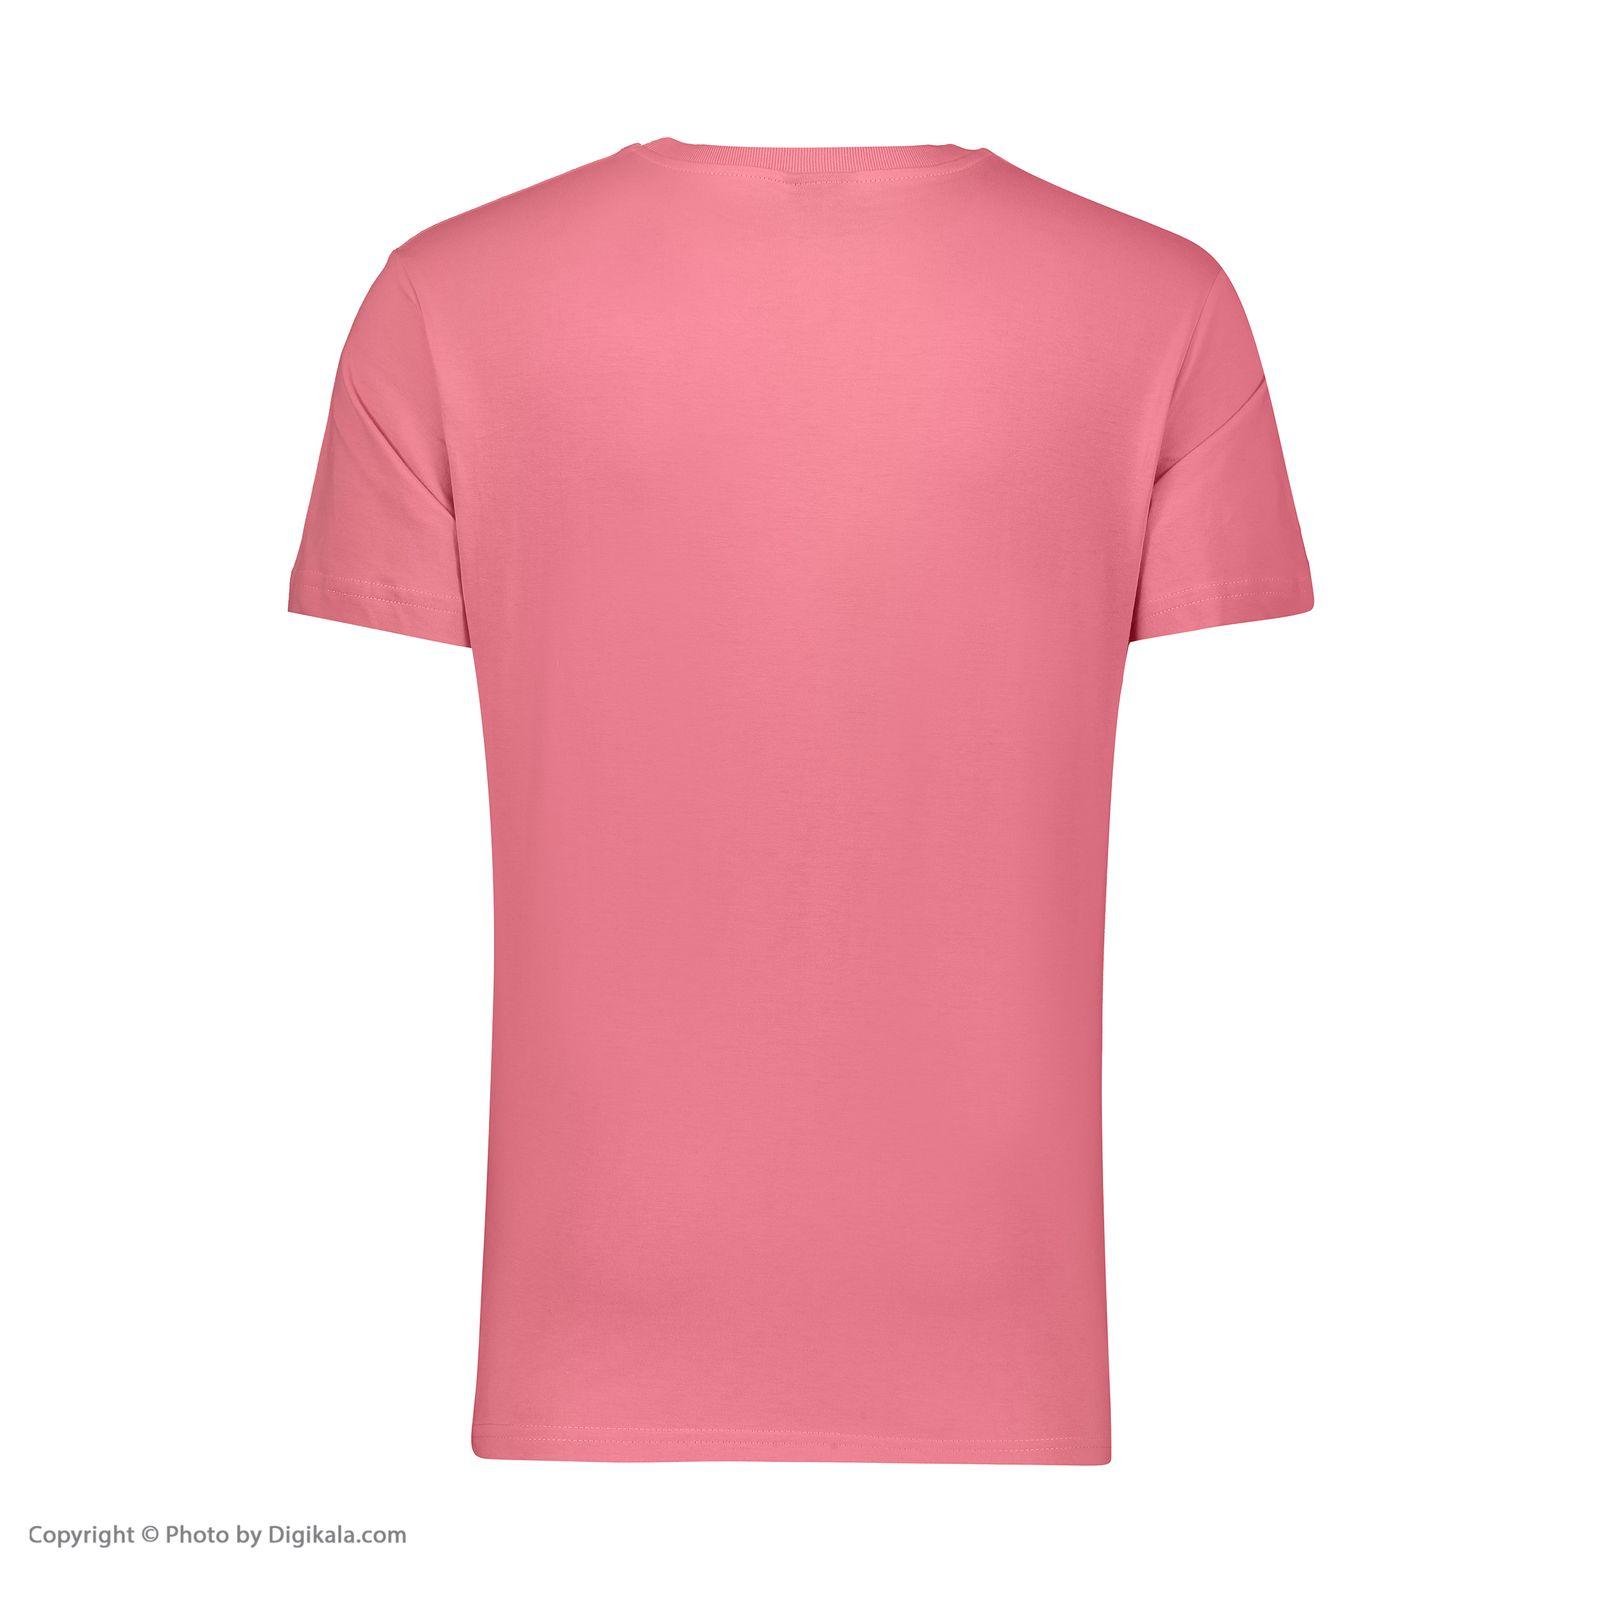 تی شرت ورزشی مردانه یونی پرو مدل 914119308-40 -  - 4